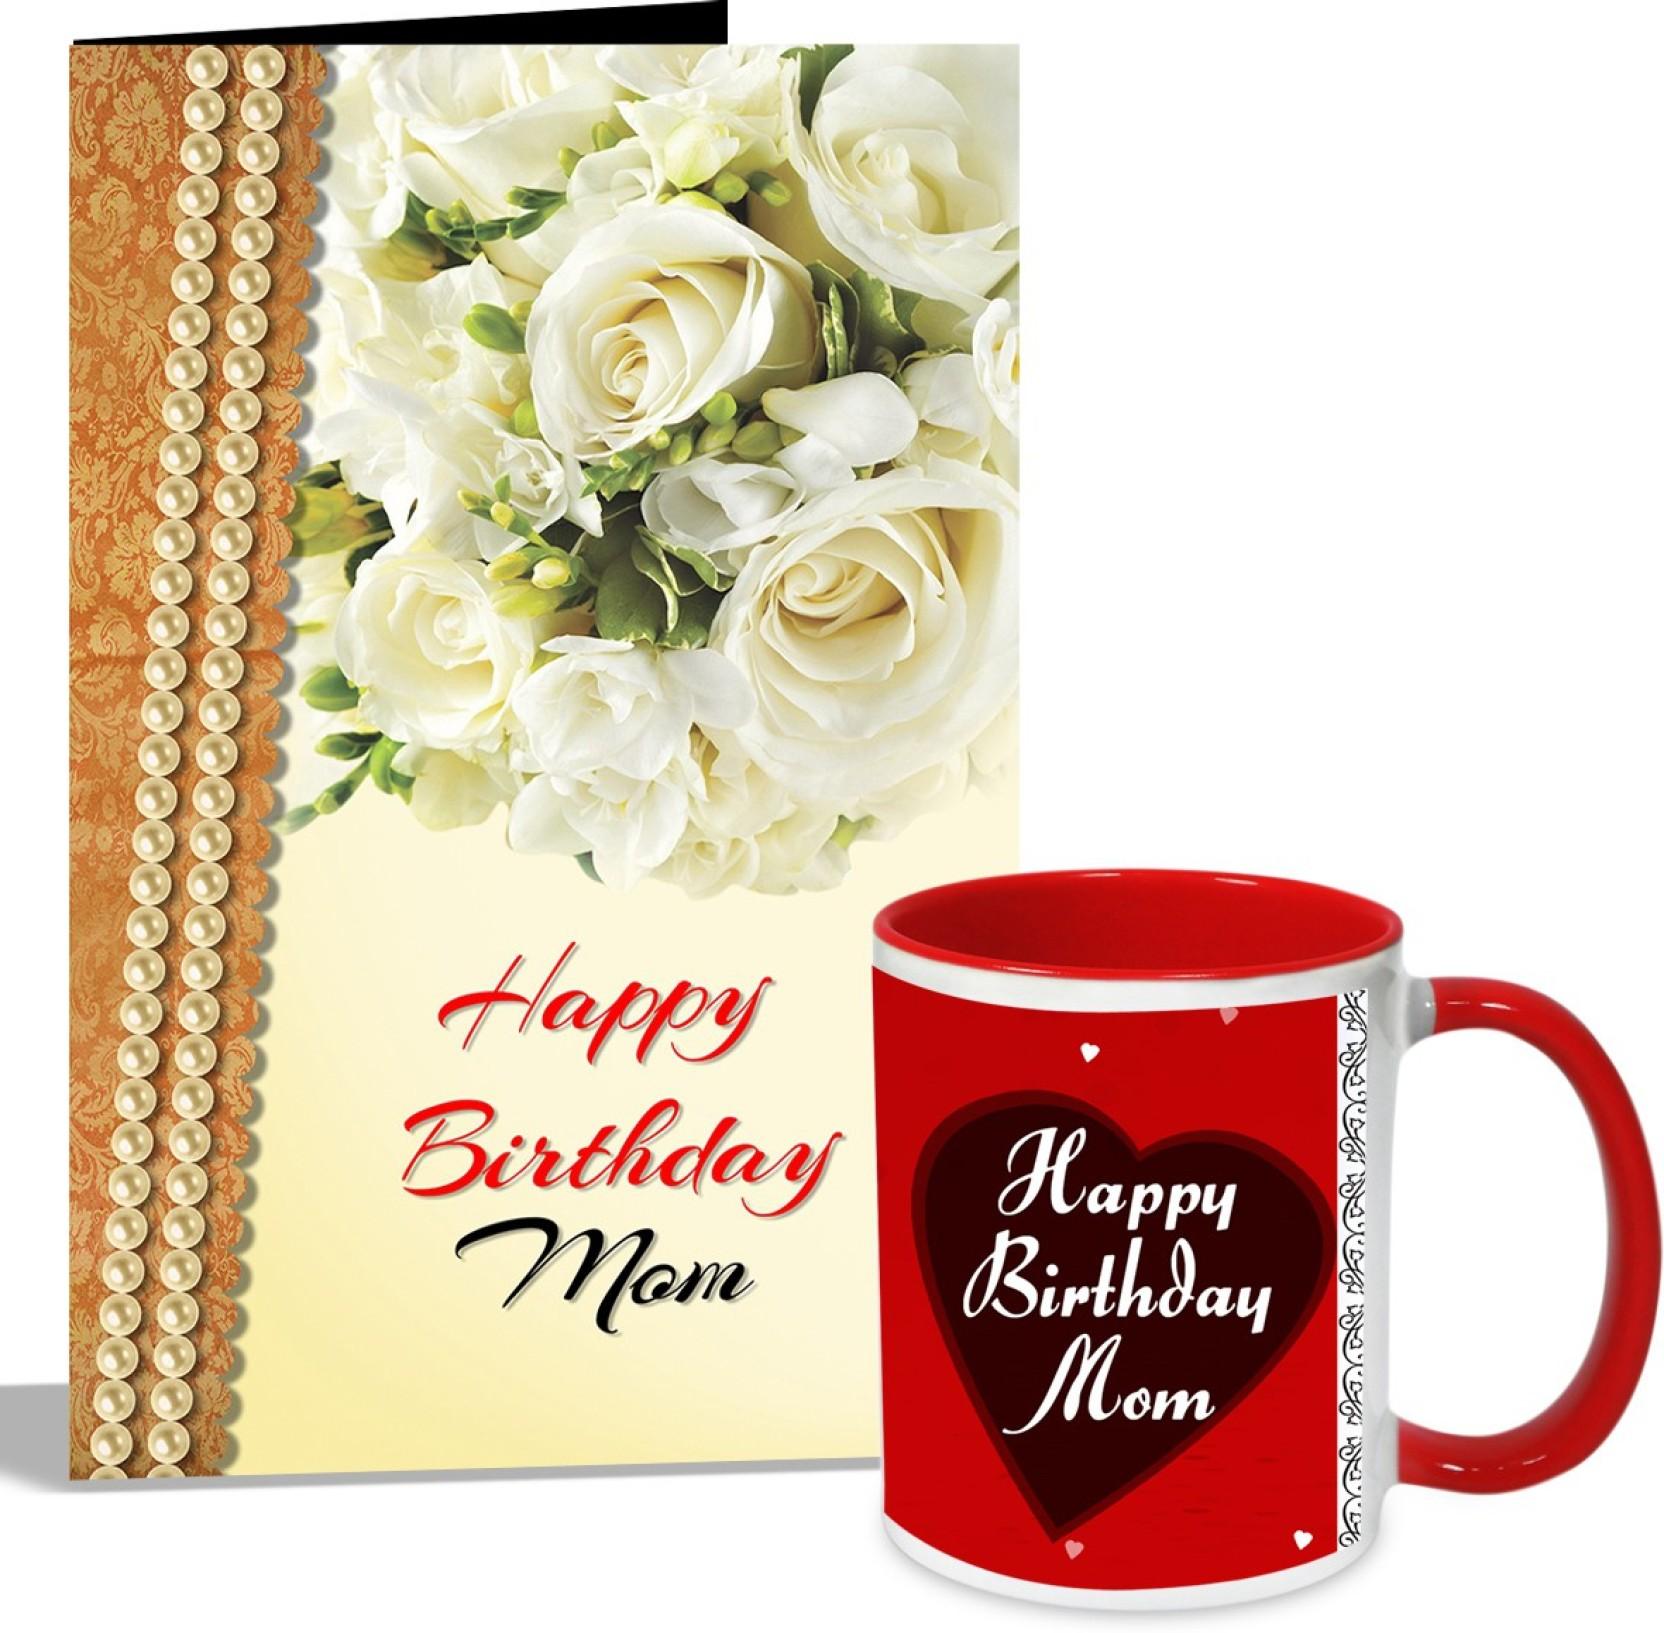 Alwaysgift Happy Birthday Mom Mug With Card Hamper Greeting Card